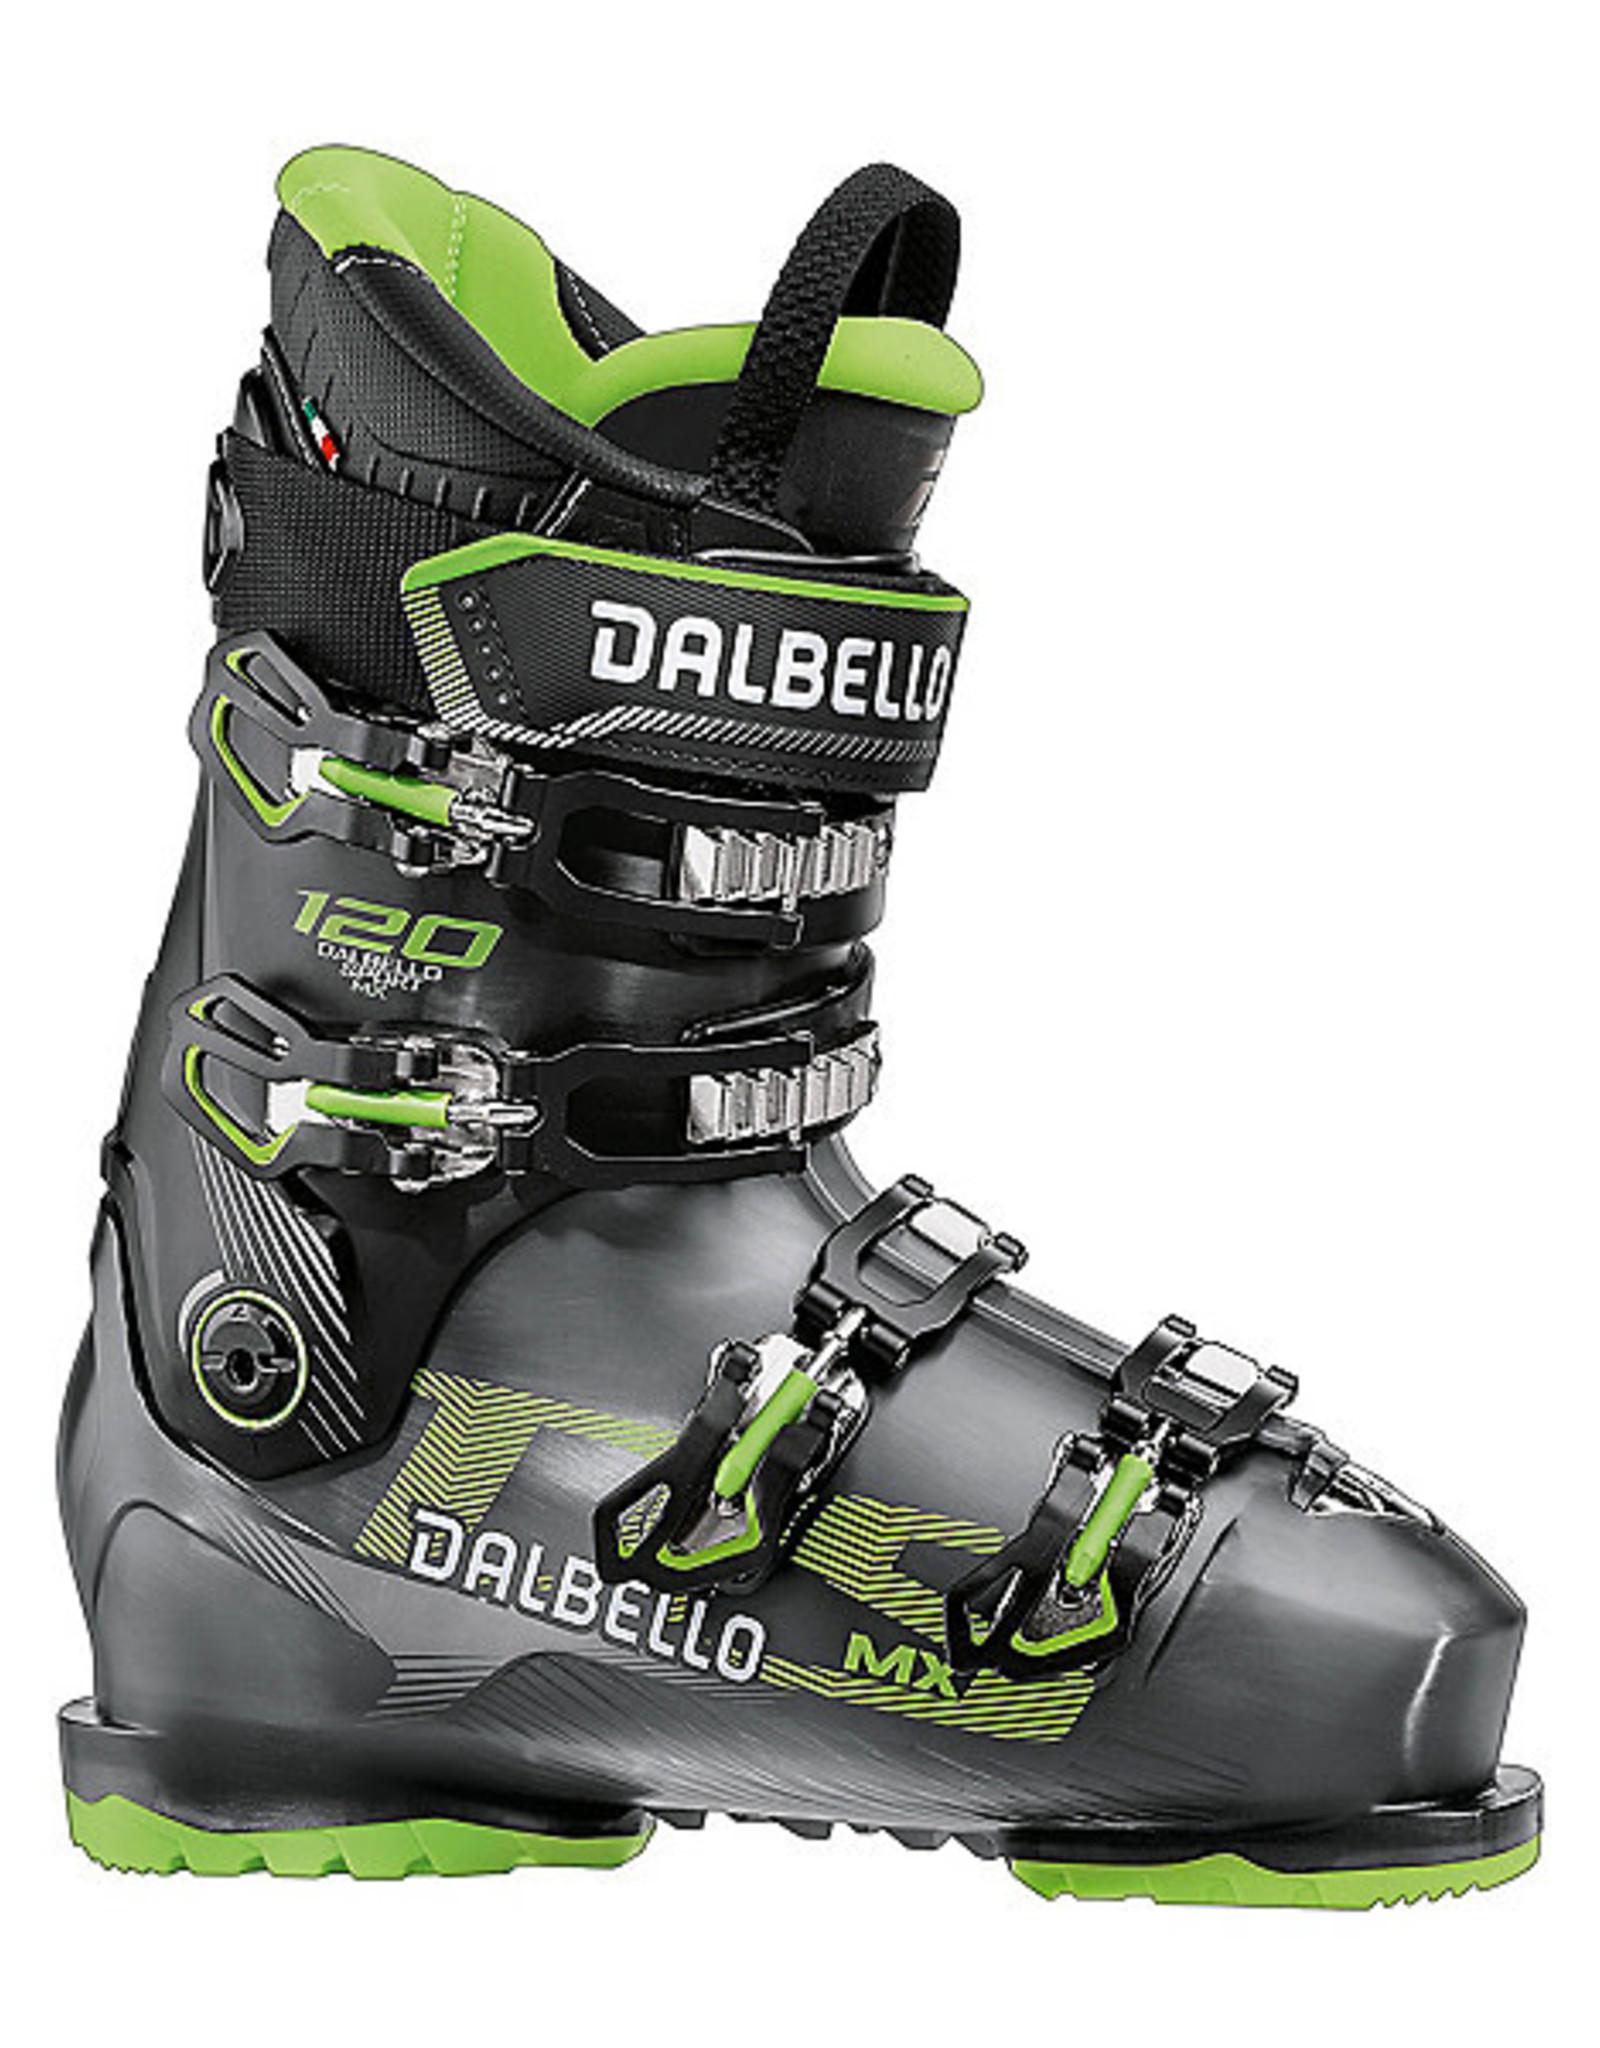 DALBELLO DALBELLO Ski Boots DS MX 120 (19/20)